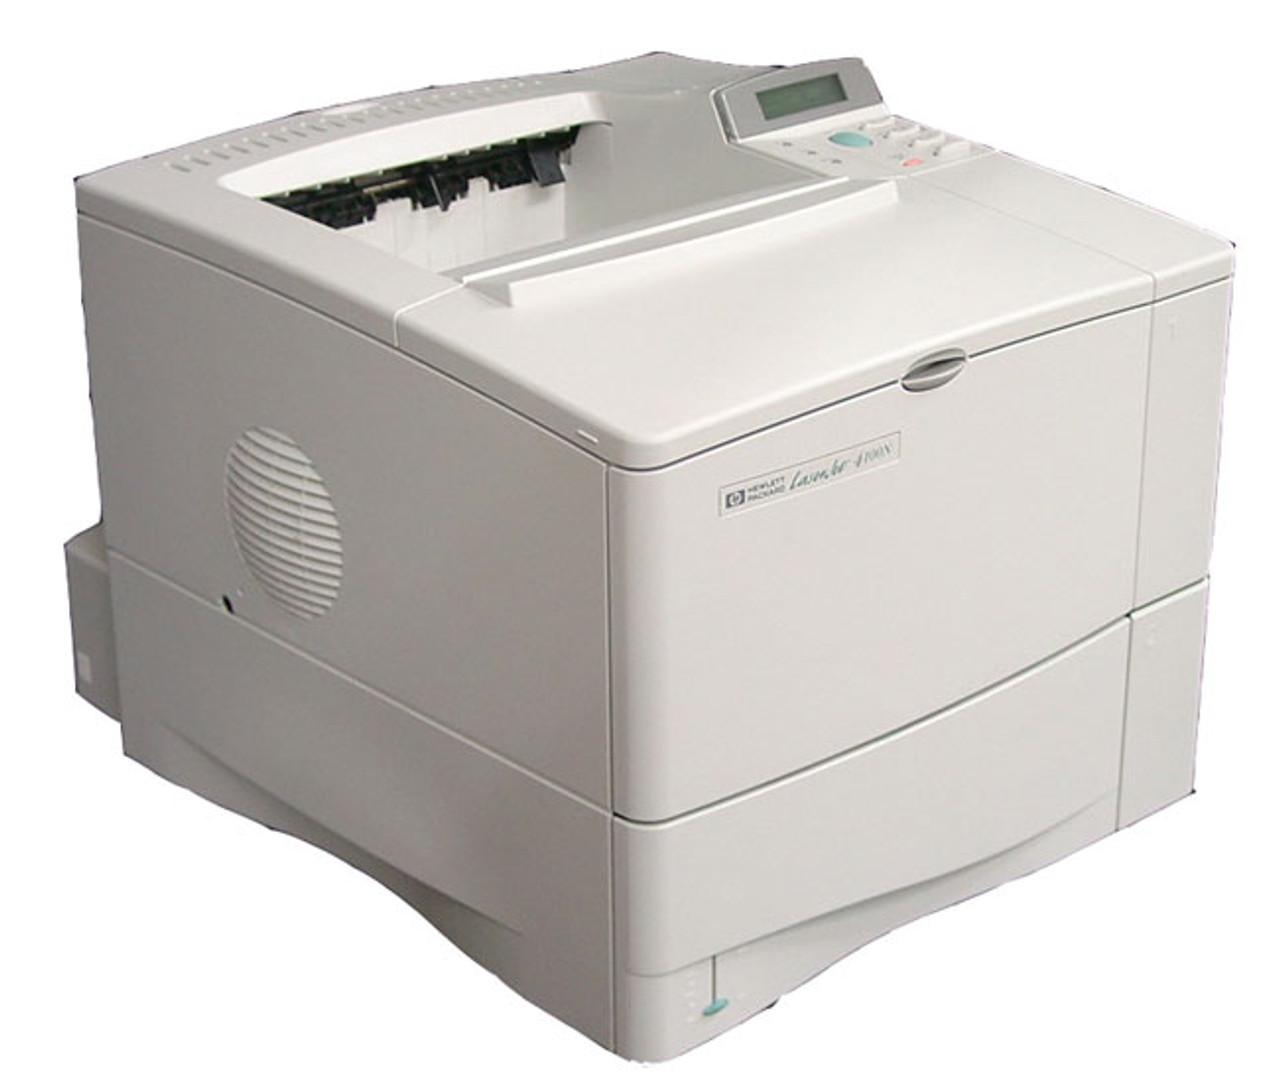 HP LaserJet 4100D - c2847a - HP Laser Printer for sale